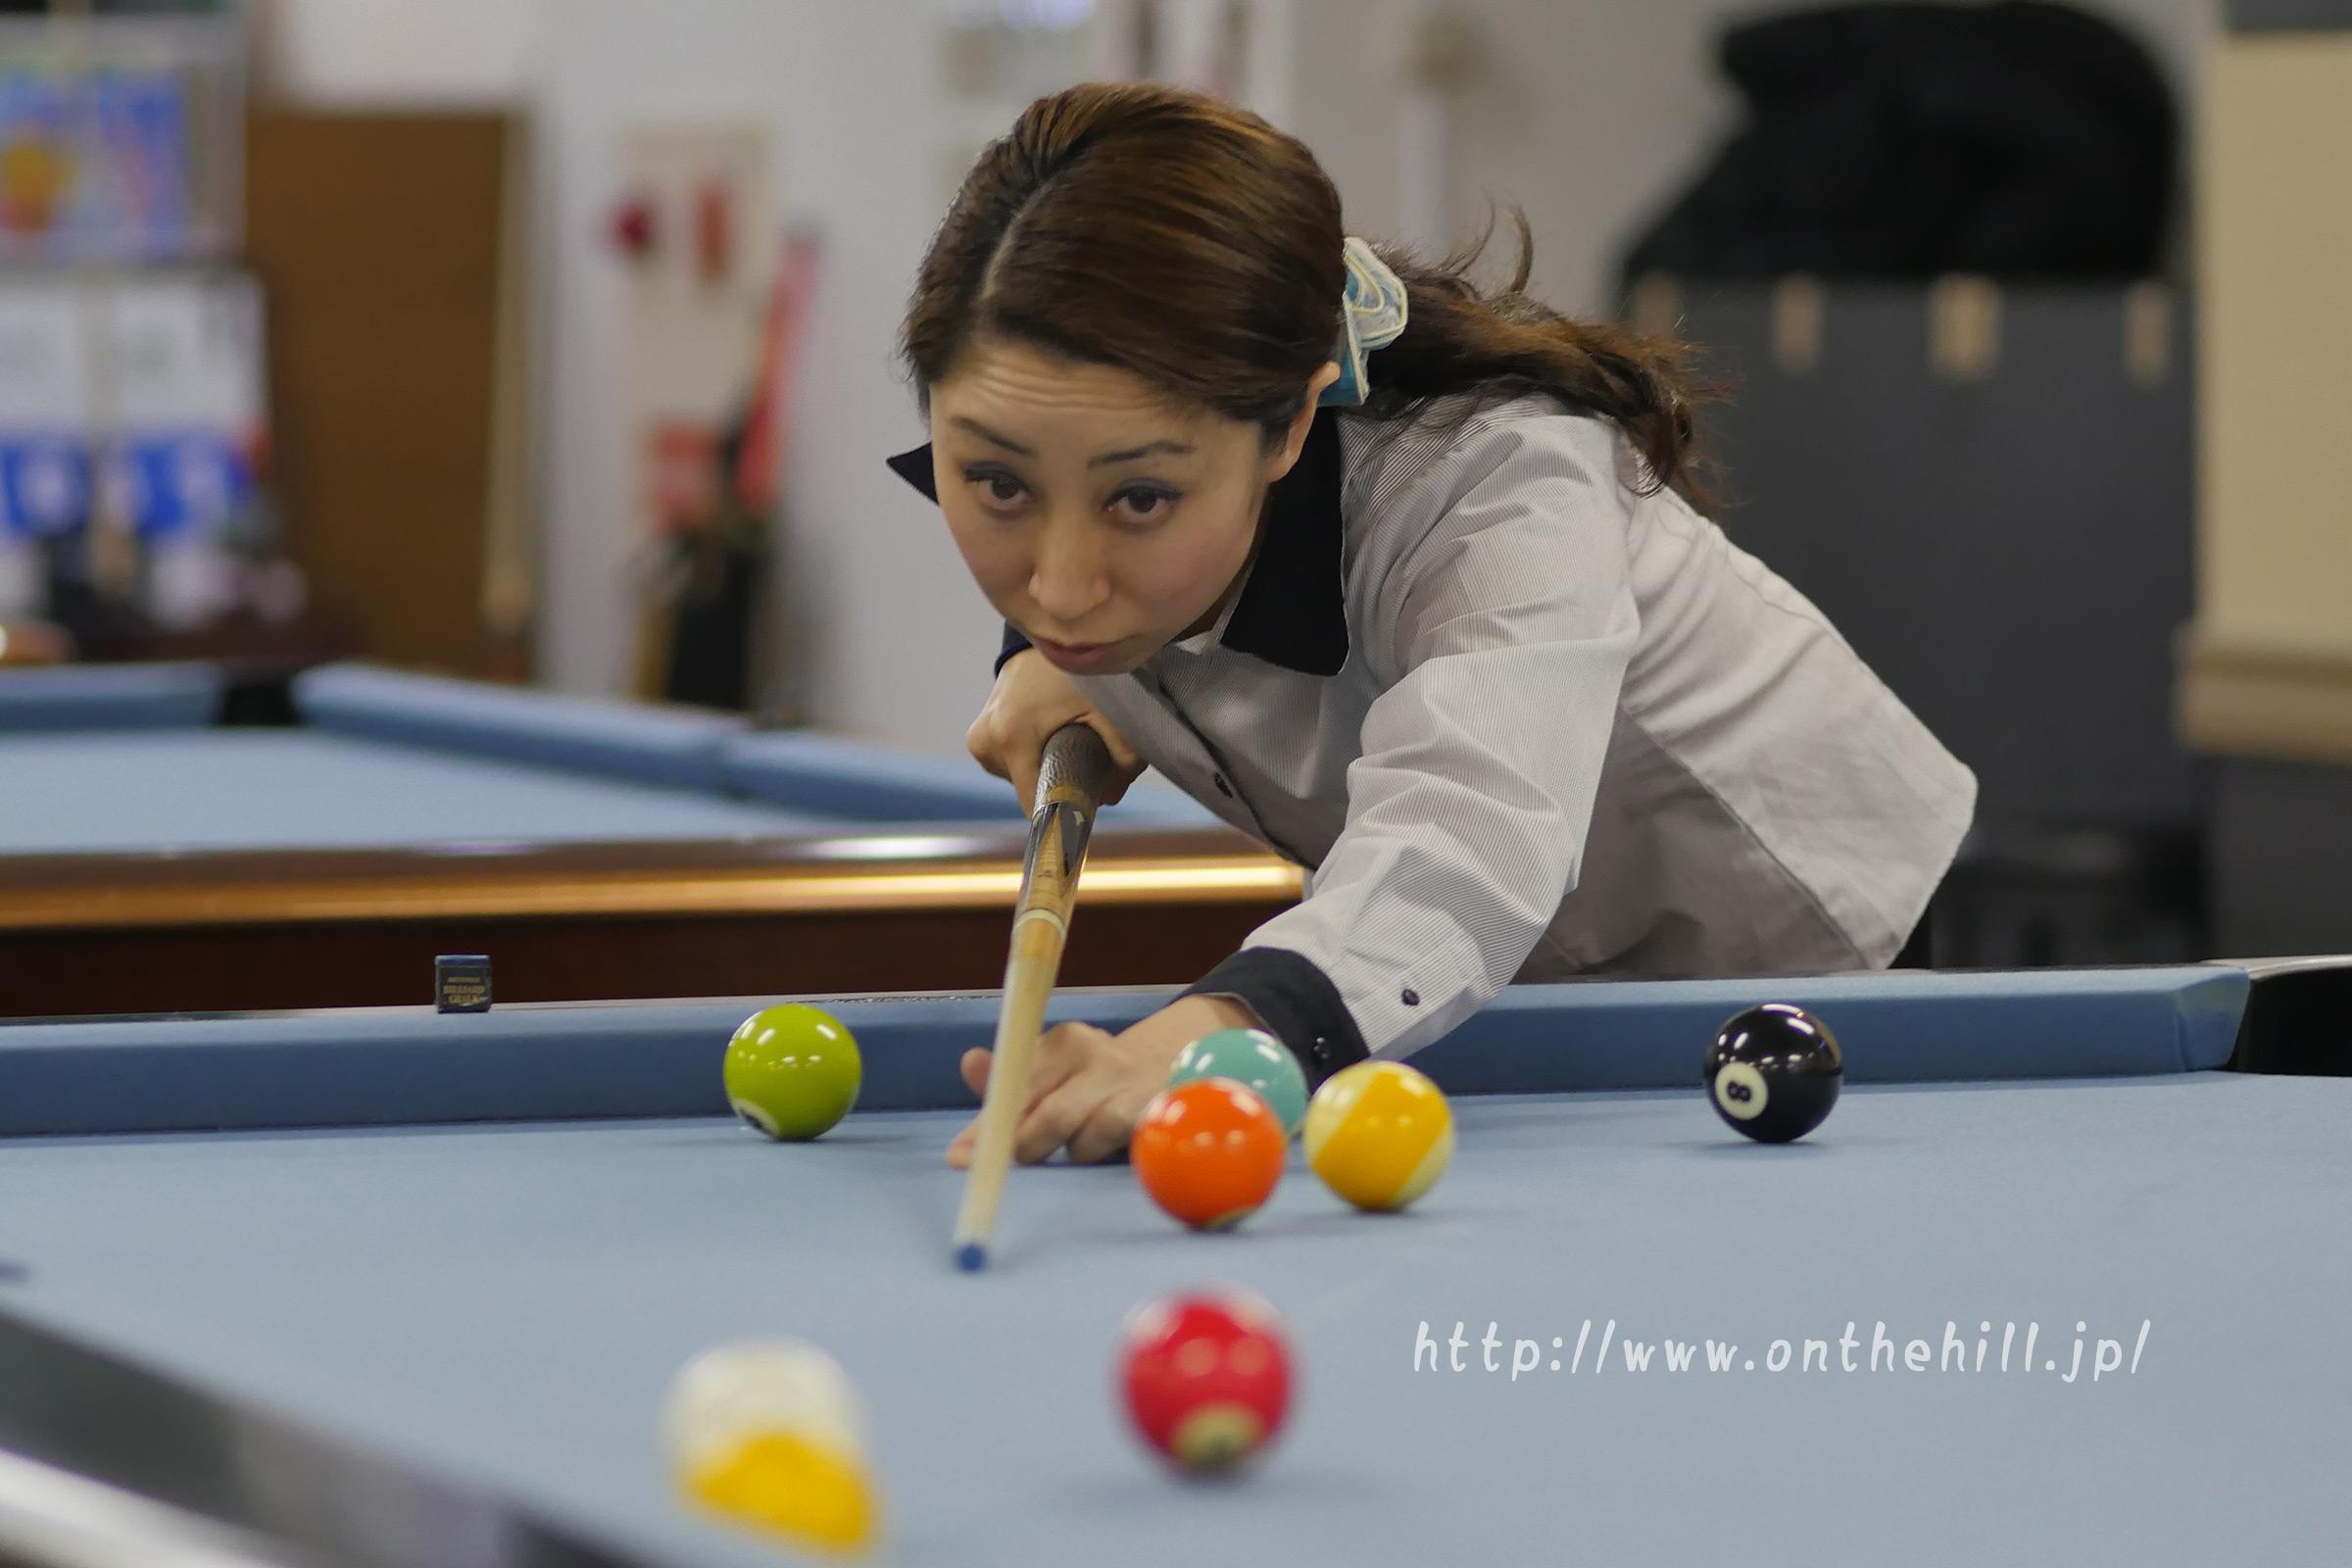 関西レディースはプロ時代に二度準優勝だった大谷晃央